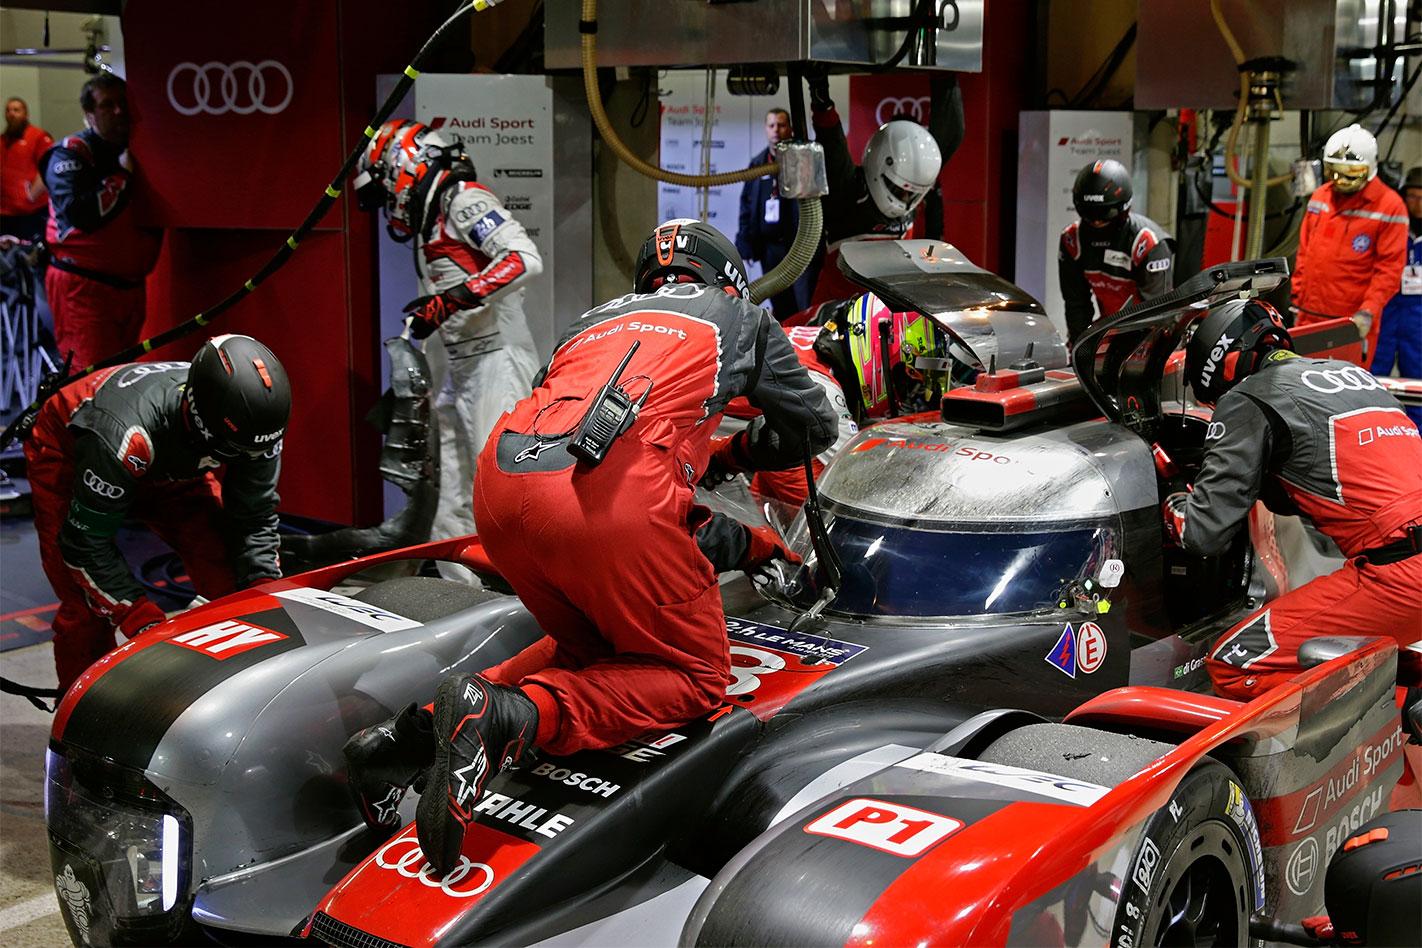 Audi -R18-Le -Mans -pits